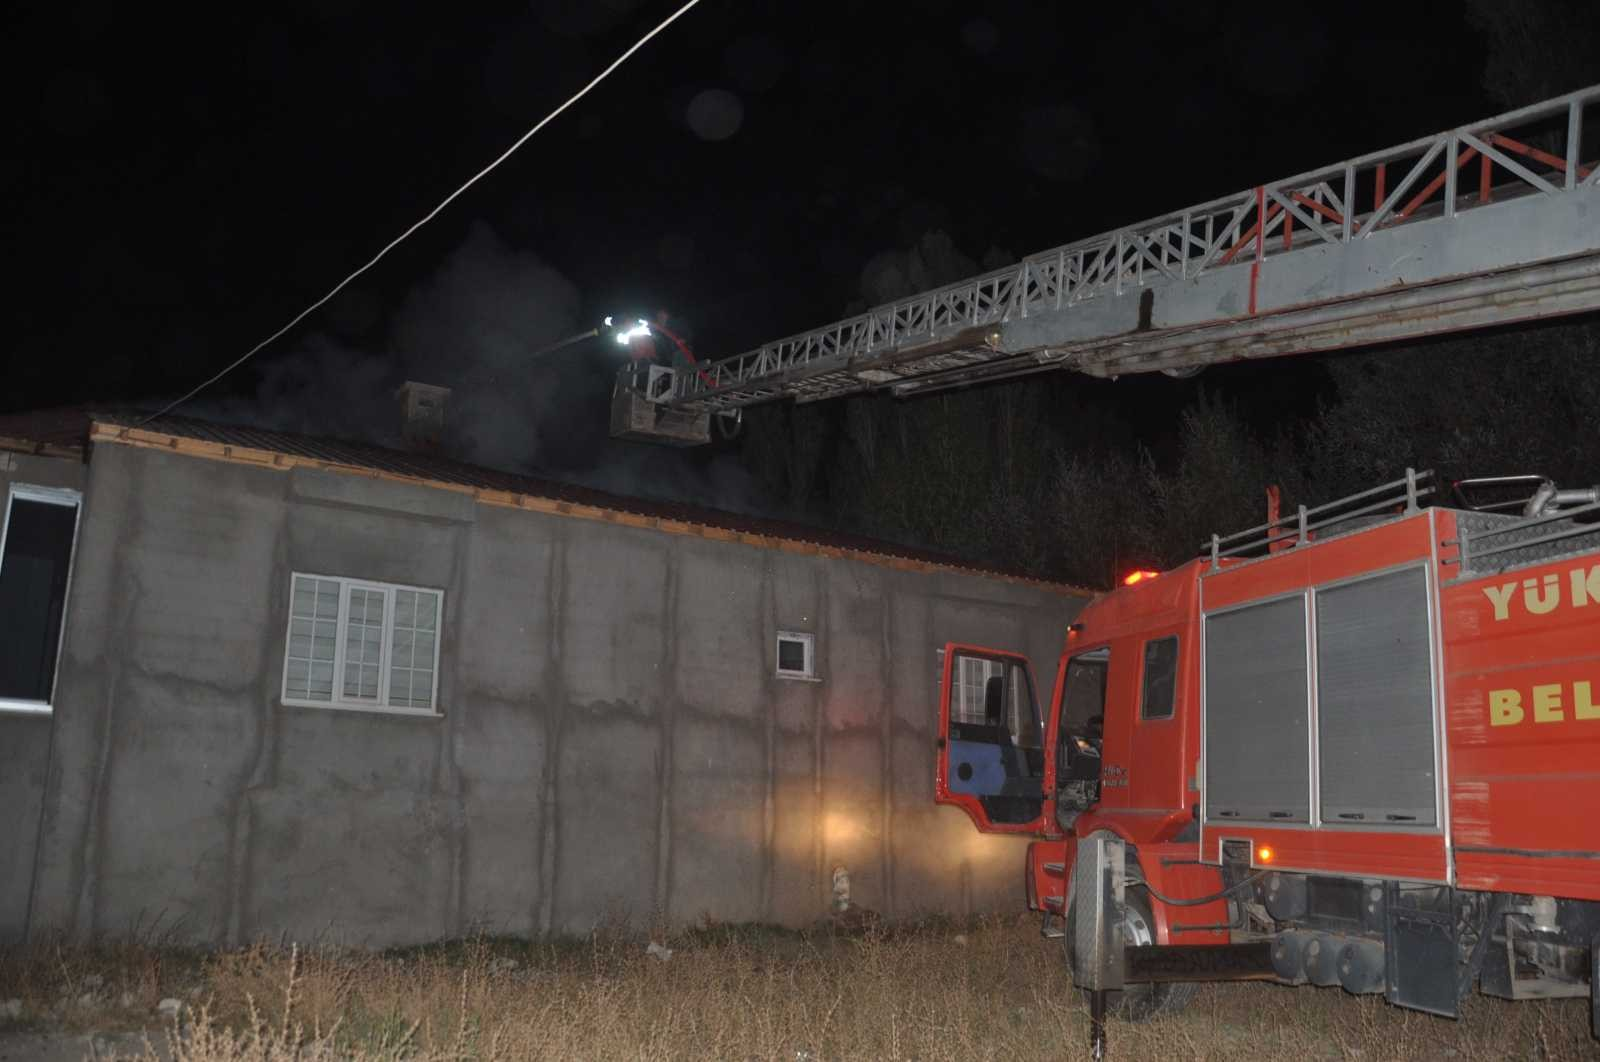 Yüksekova'da çatı yangını korkuttu, mahalleli seferber oldu #hakkari